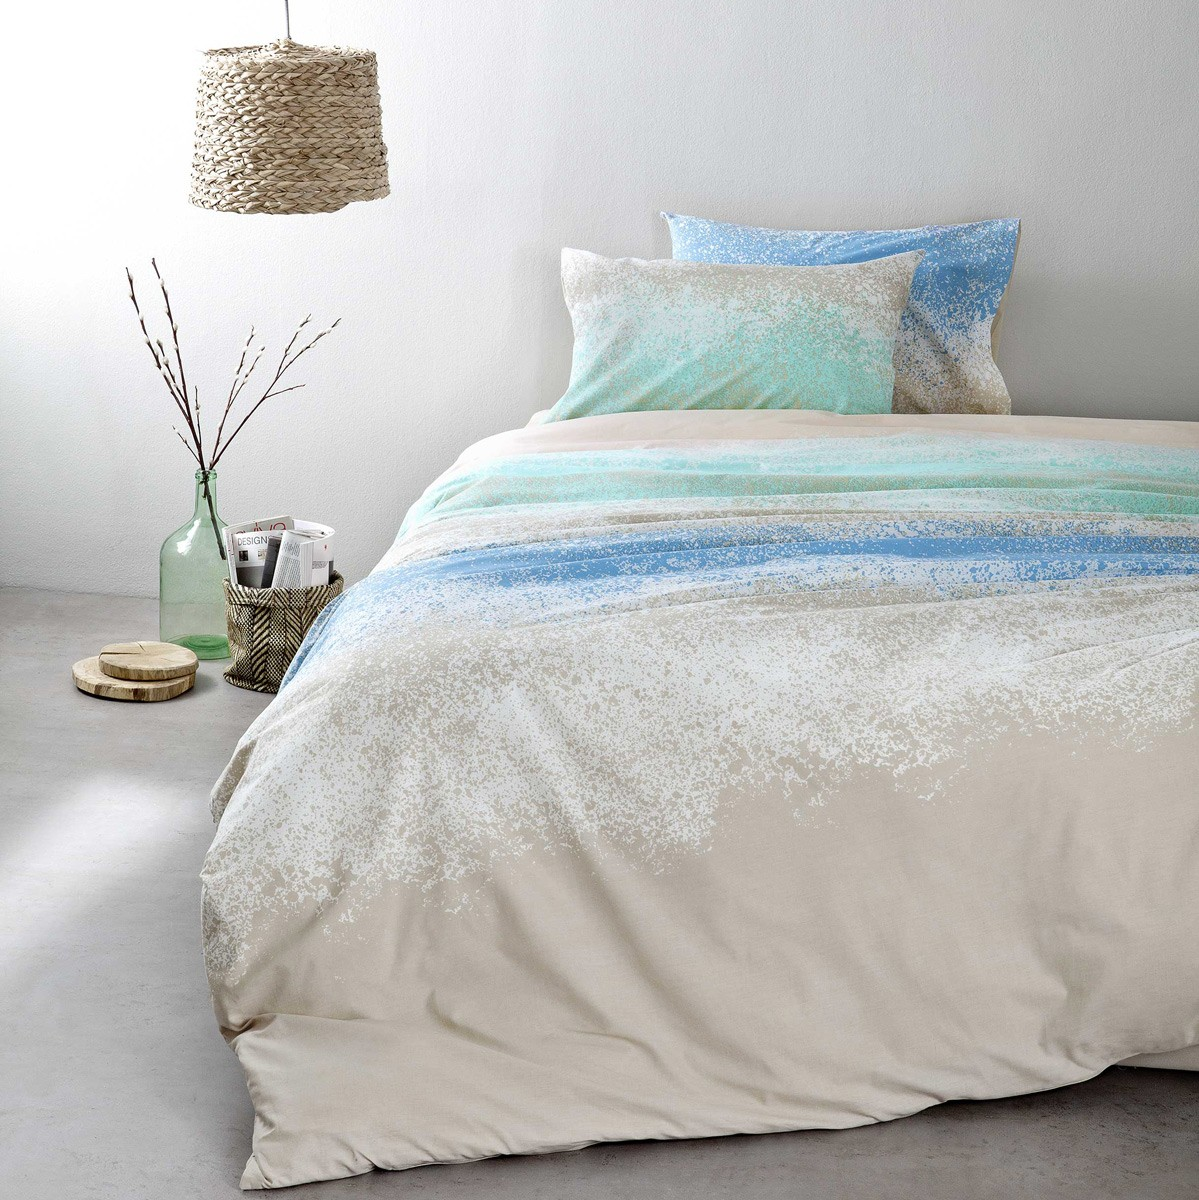 Σεντόνια Υπέρδιπλα (Σετ) Nima Bed Linen Samoa Blue ΜΕ ΛΑΣΤΙΧΟ ΜΕ ΛΑΣΤΙΧΟ